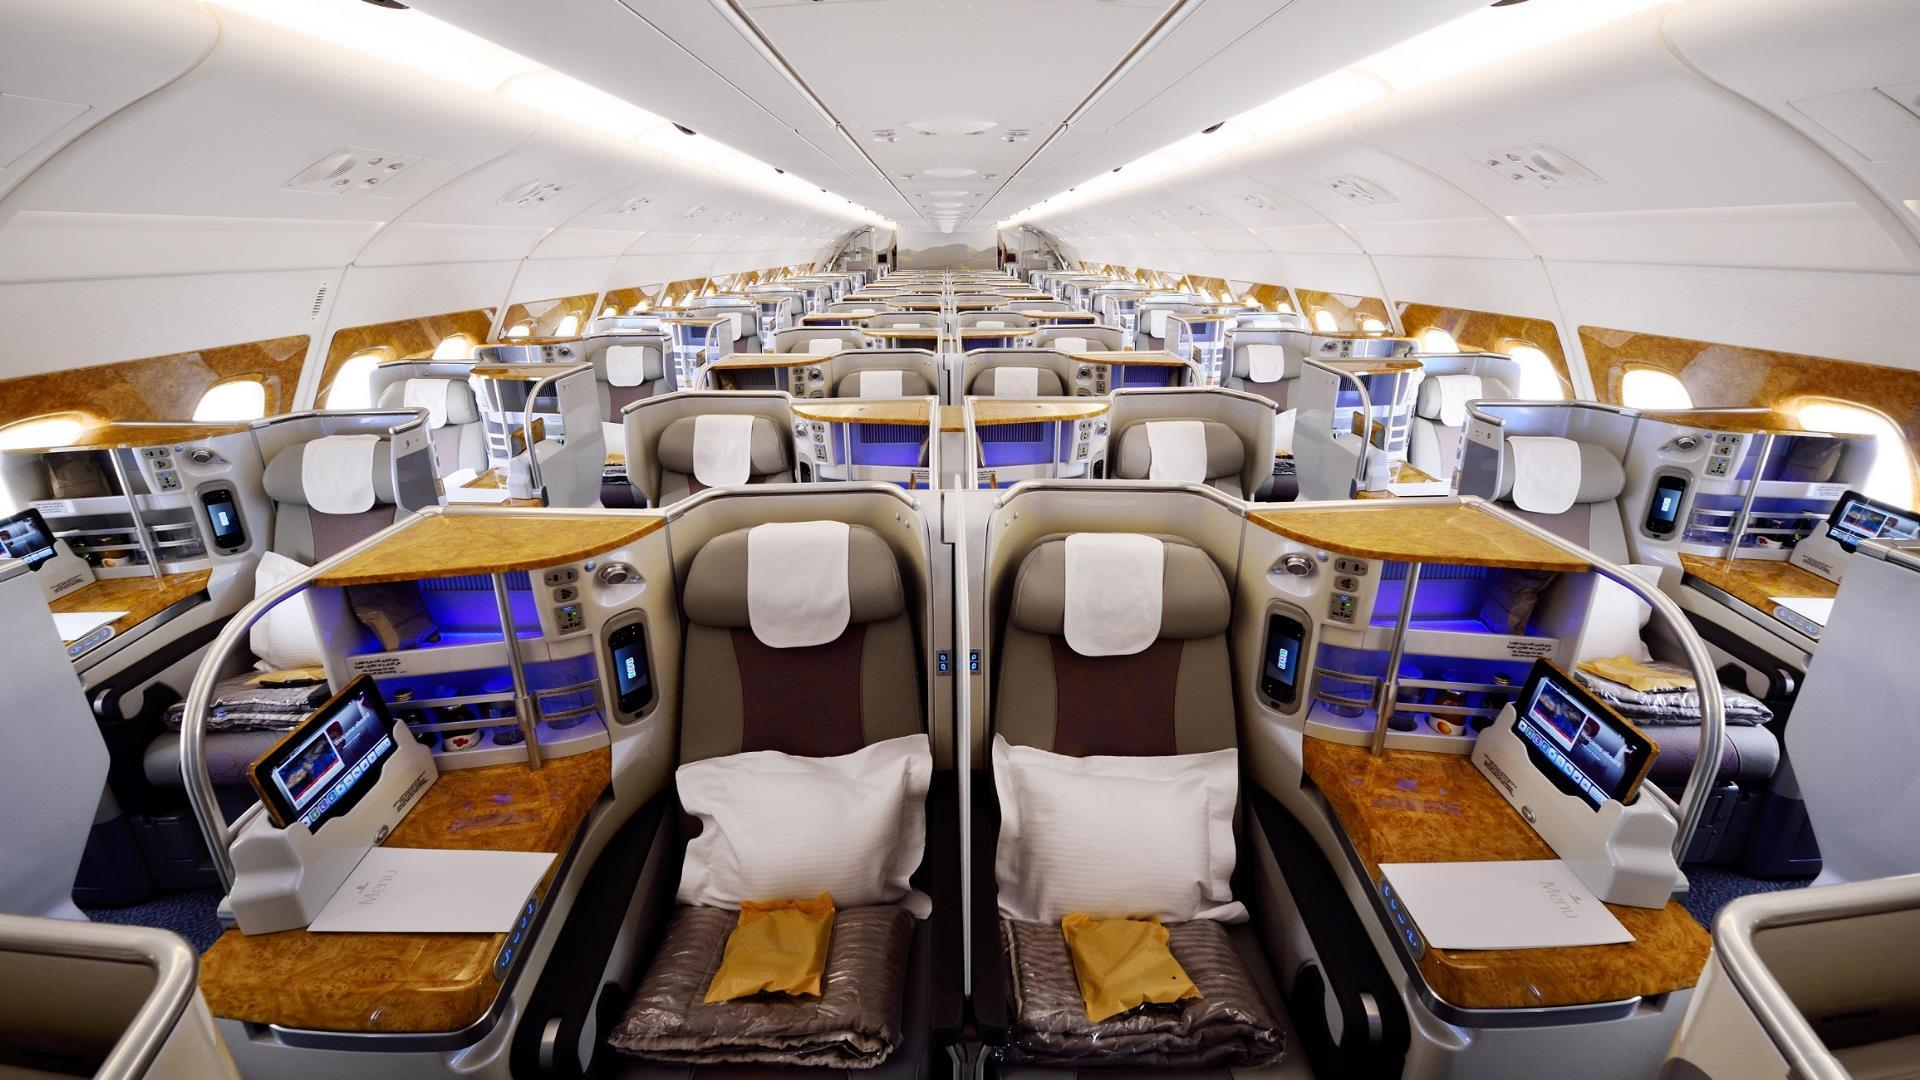 La nueva generación del Airbus A380 llegó a Emirates